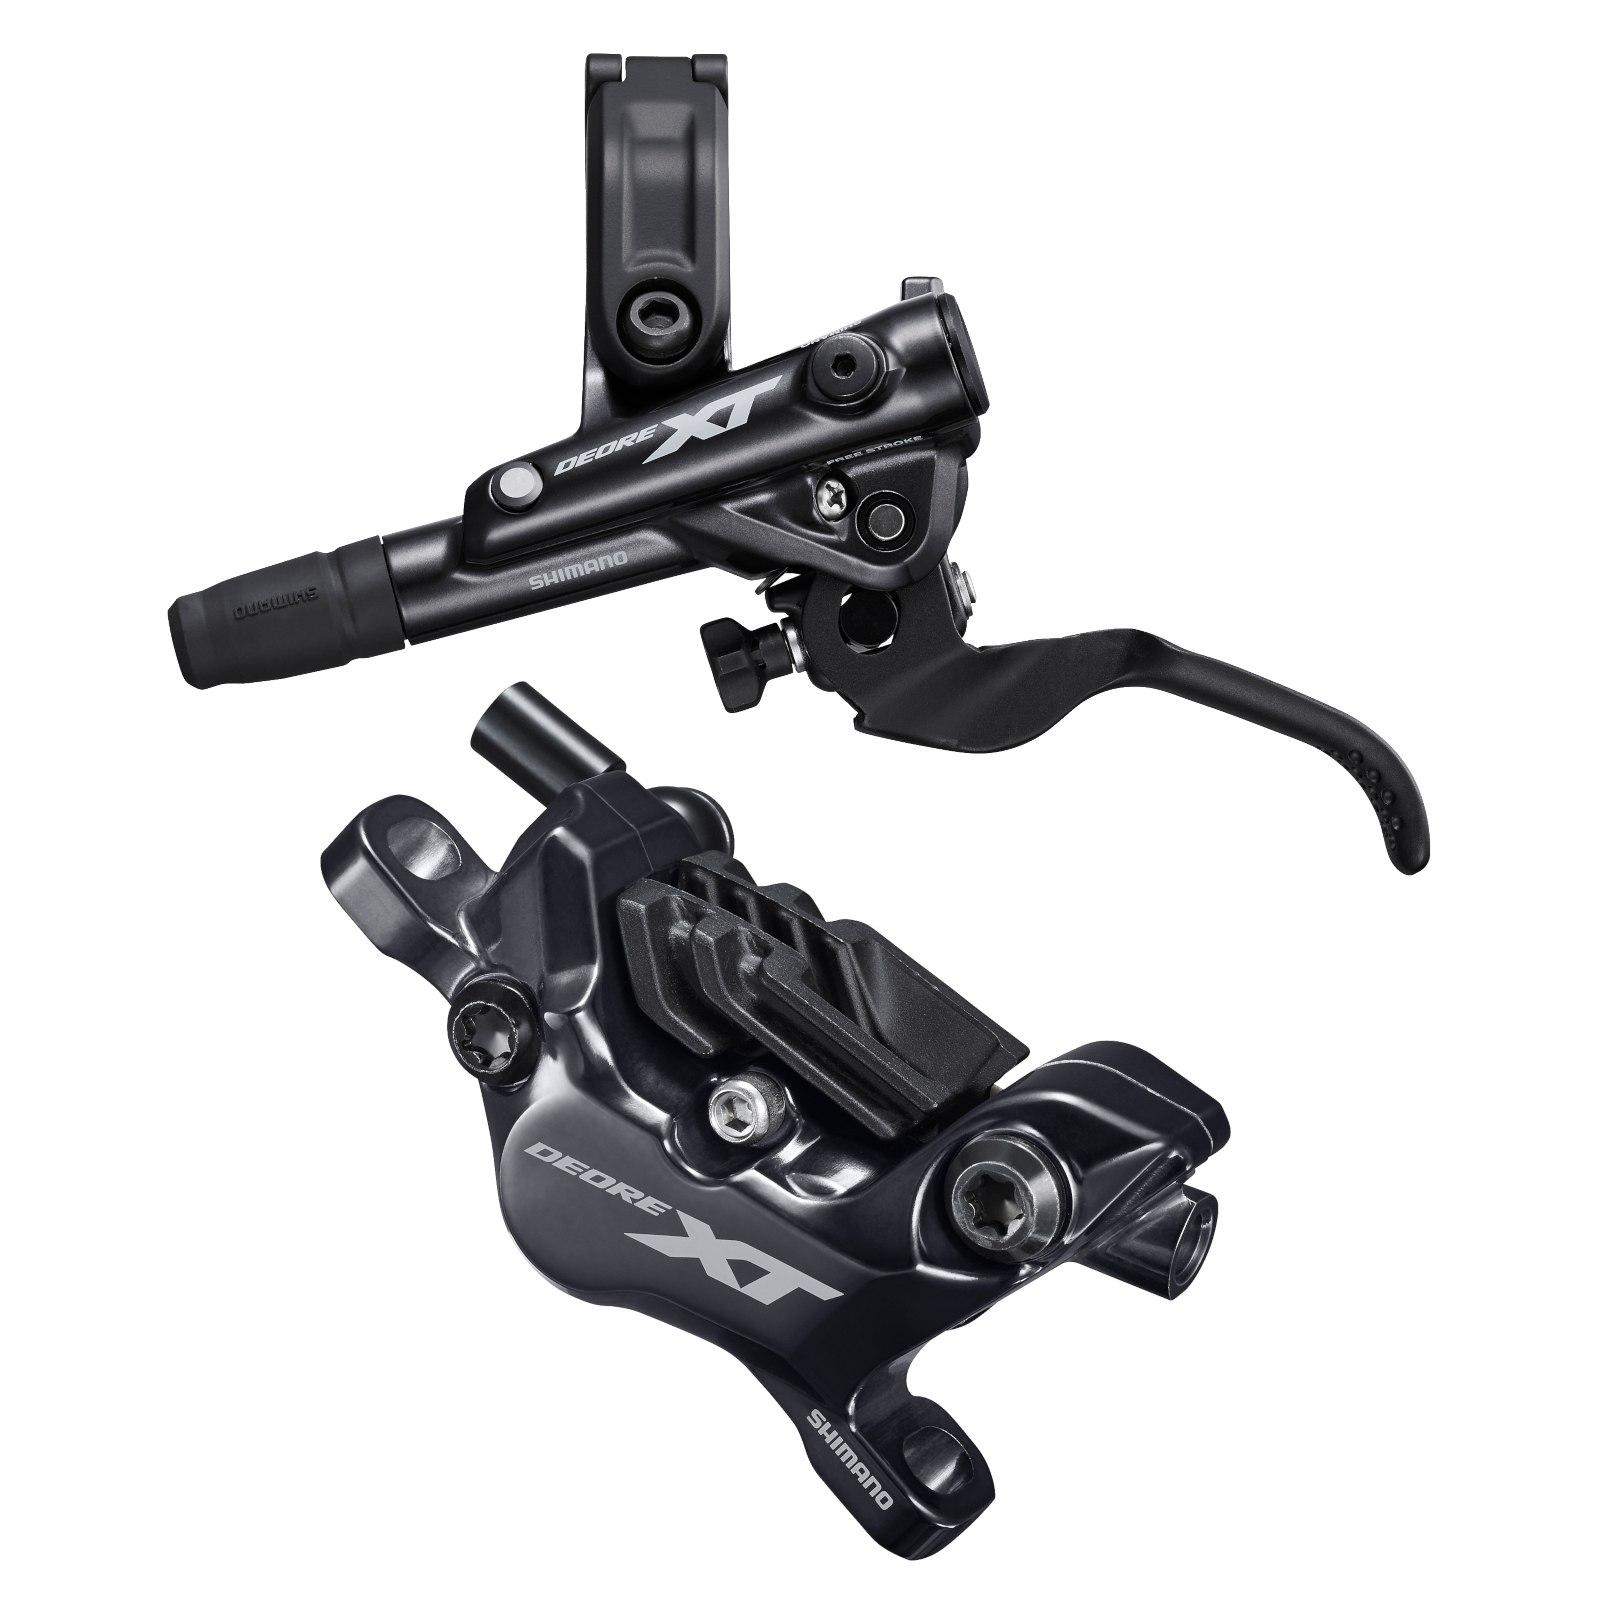 Shimano Deore XT BL-M8100 + BR-M8120 Enduro / Trail Hydraulische Scheibenbremse - I-Spec EV - J-Kit - Set VR